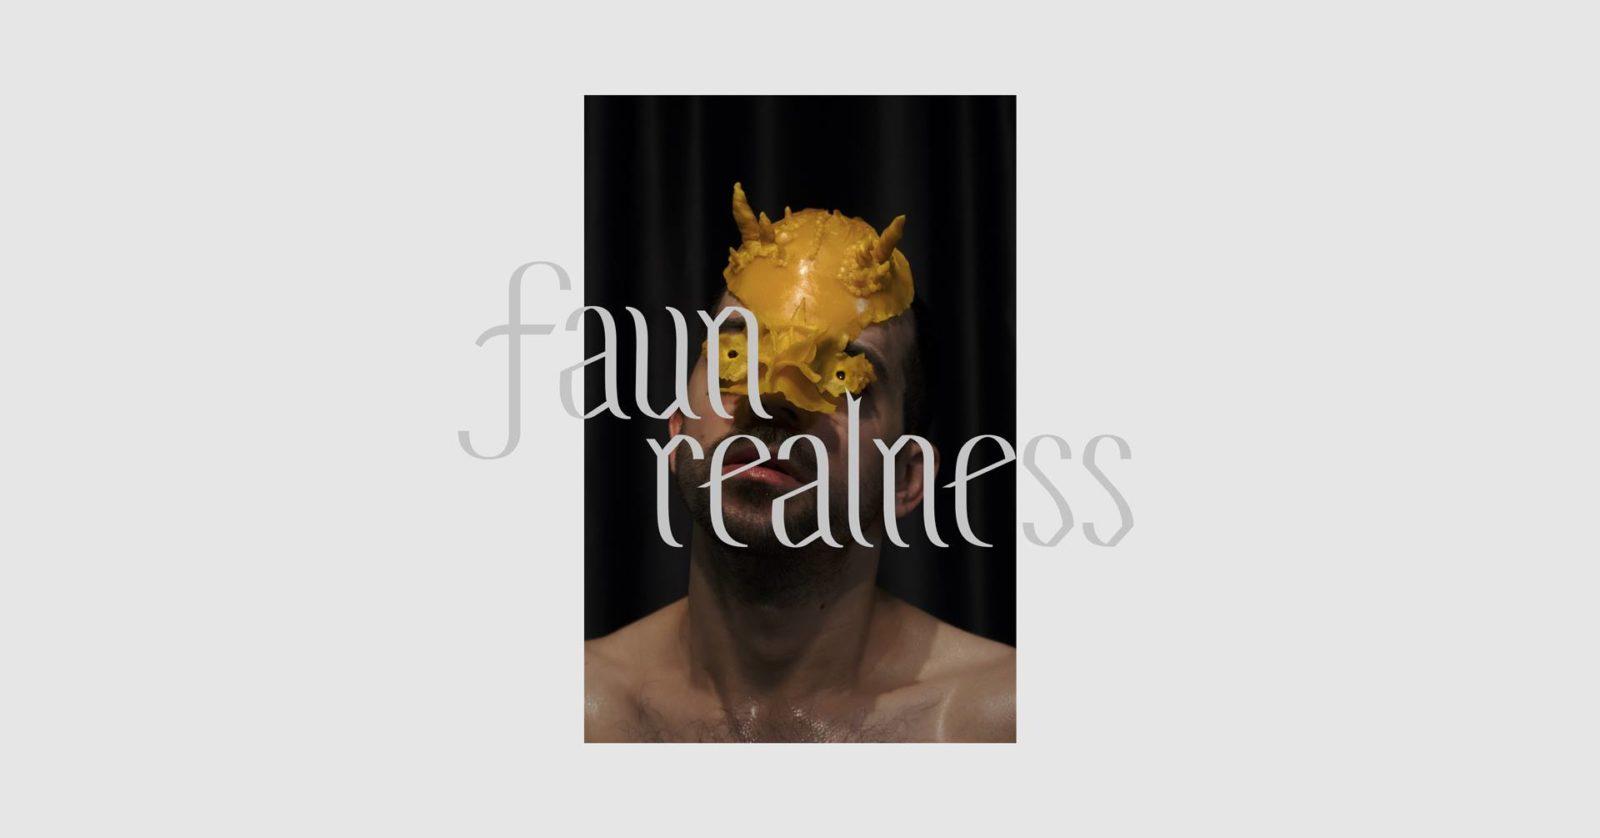 Faun realness